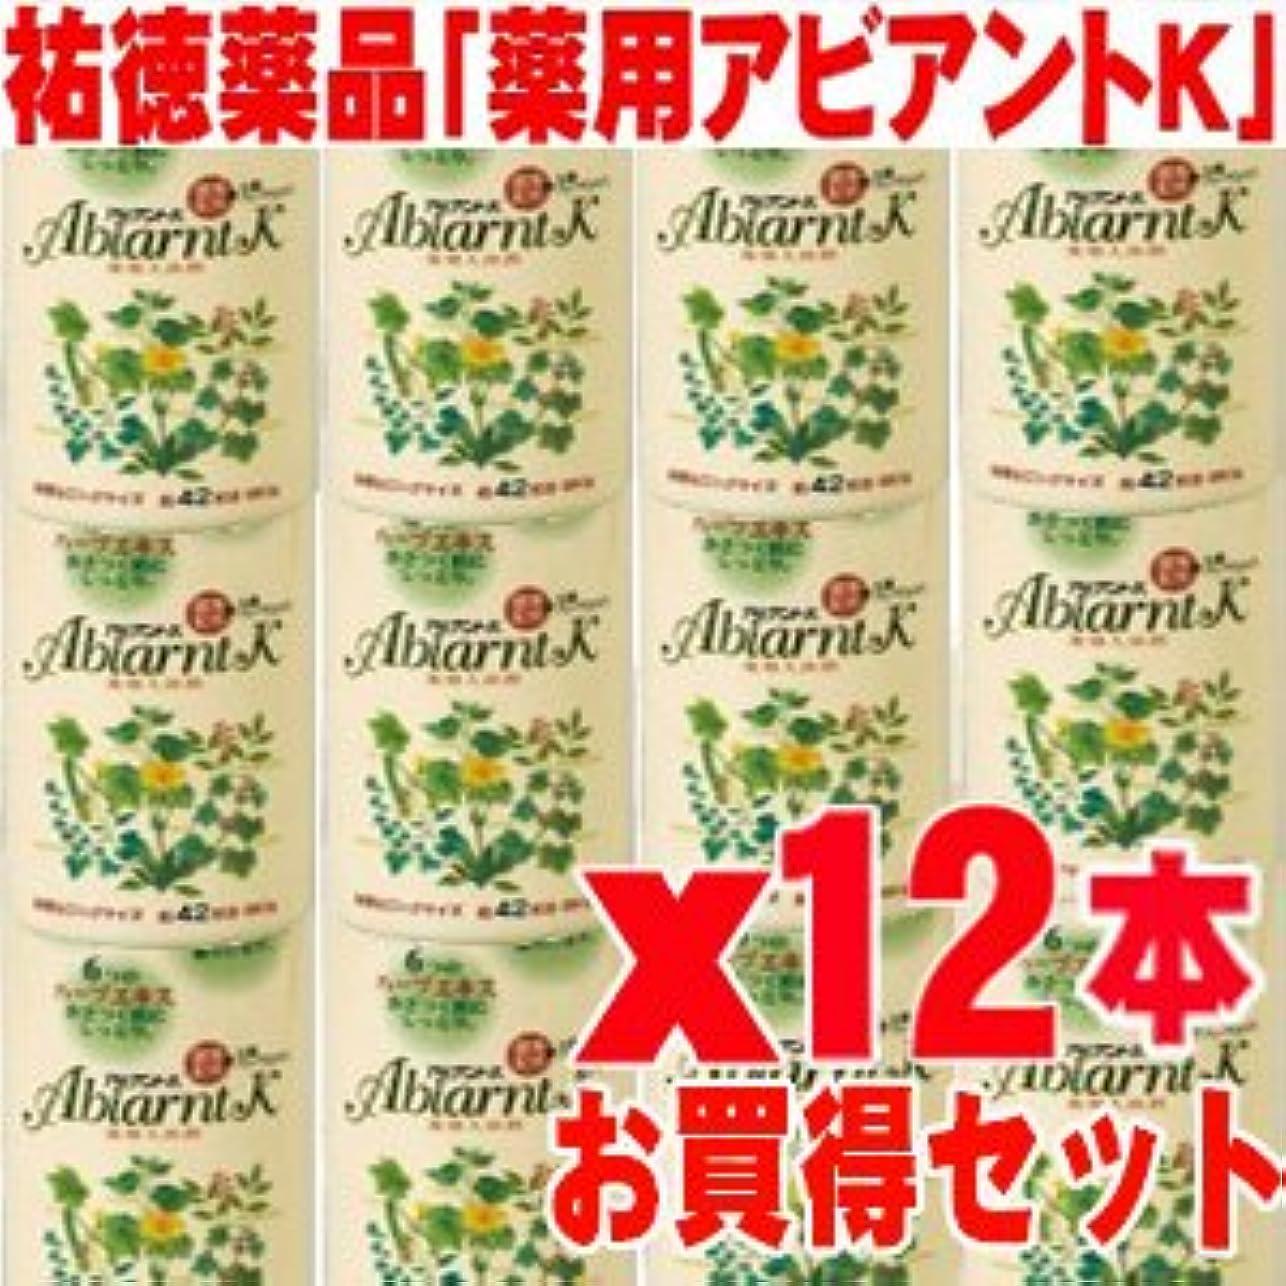 マサッチョ強化する枝アビアントK 薬用入浴剤 850gx12本 (総合計10.2kg)4987235024123